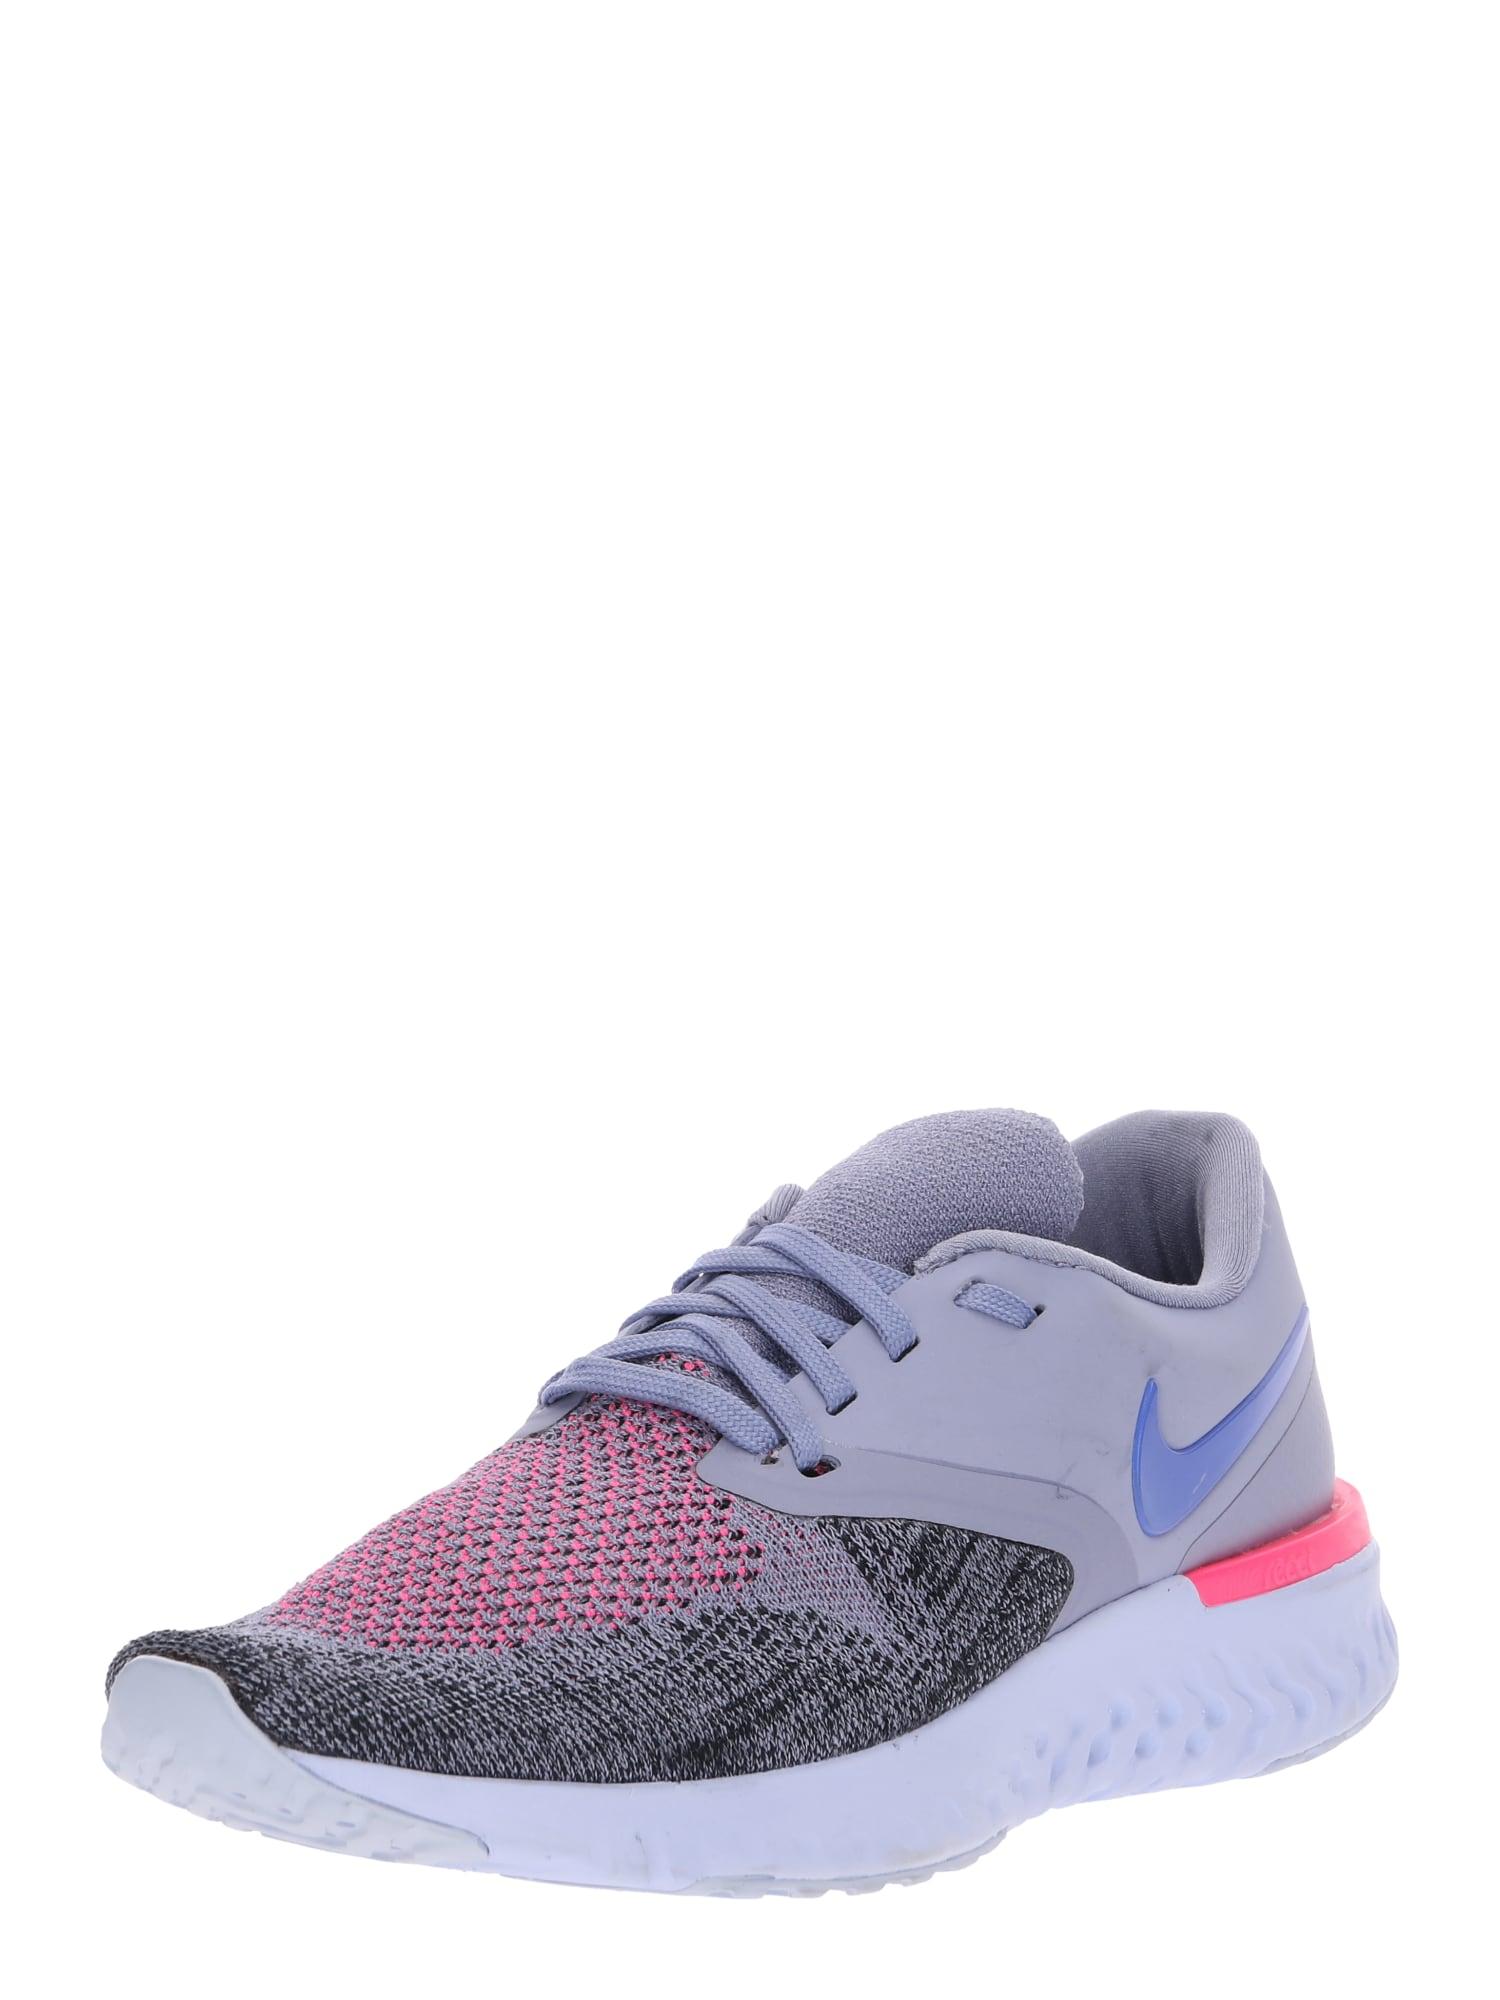 Běžecká obuv Odyssey React Flyknit 2 šedá růžová černá NIKE